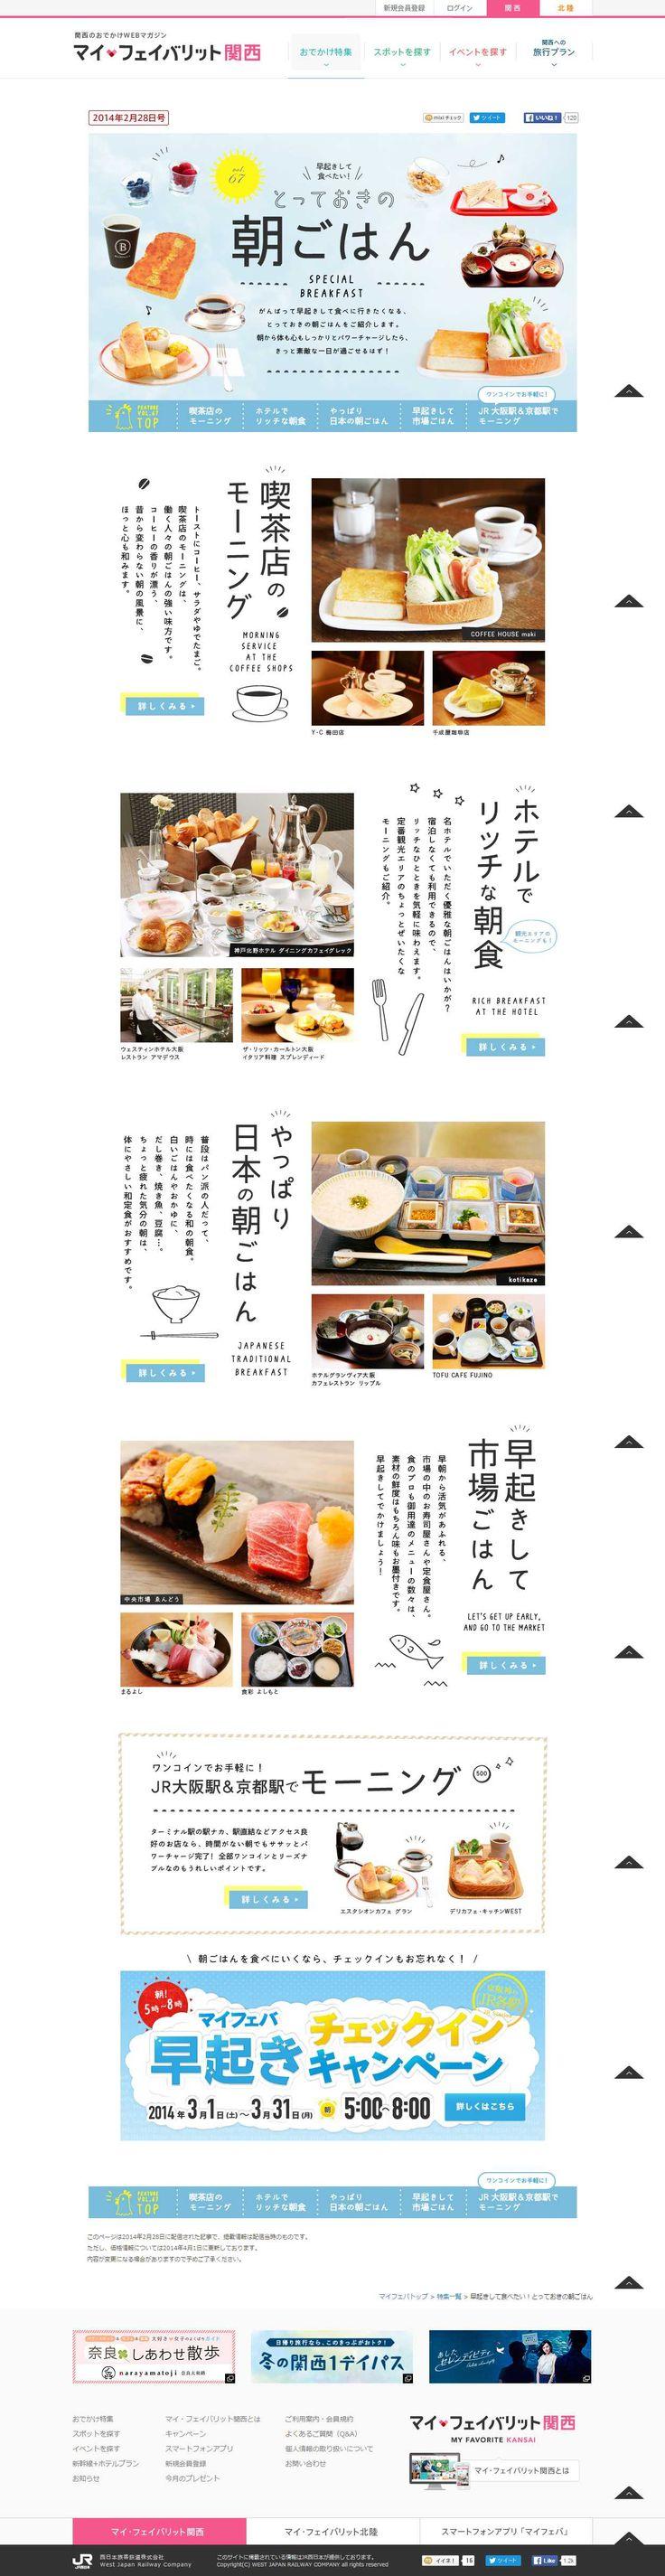 【特集Vol.67】早起きして食べたい!とっておきの朝ごはん:マイ・フェイバリット関西